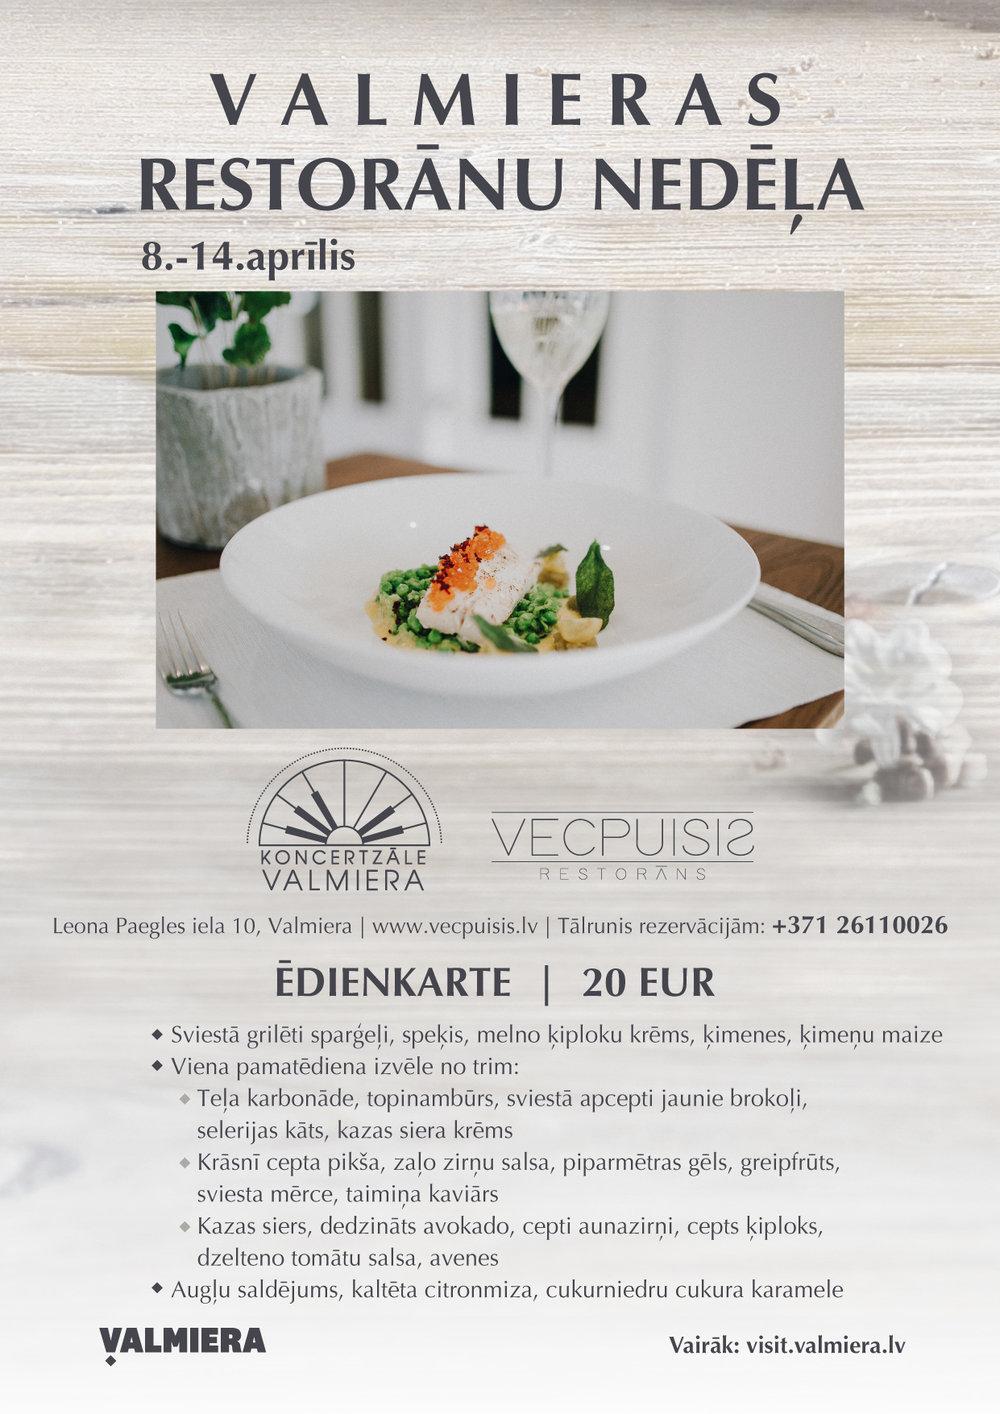 Vecpuisis edienkarte 2019 pavasaris_A4-01.jpg